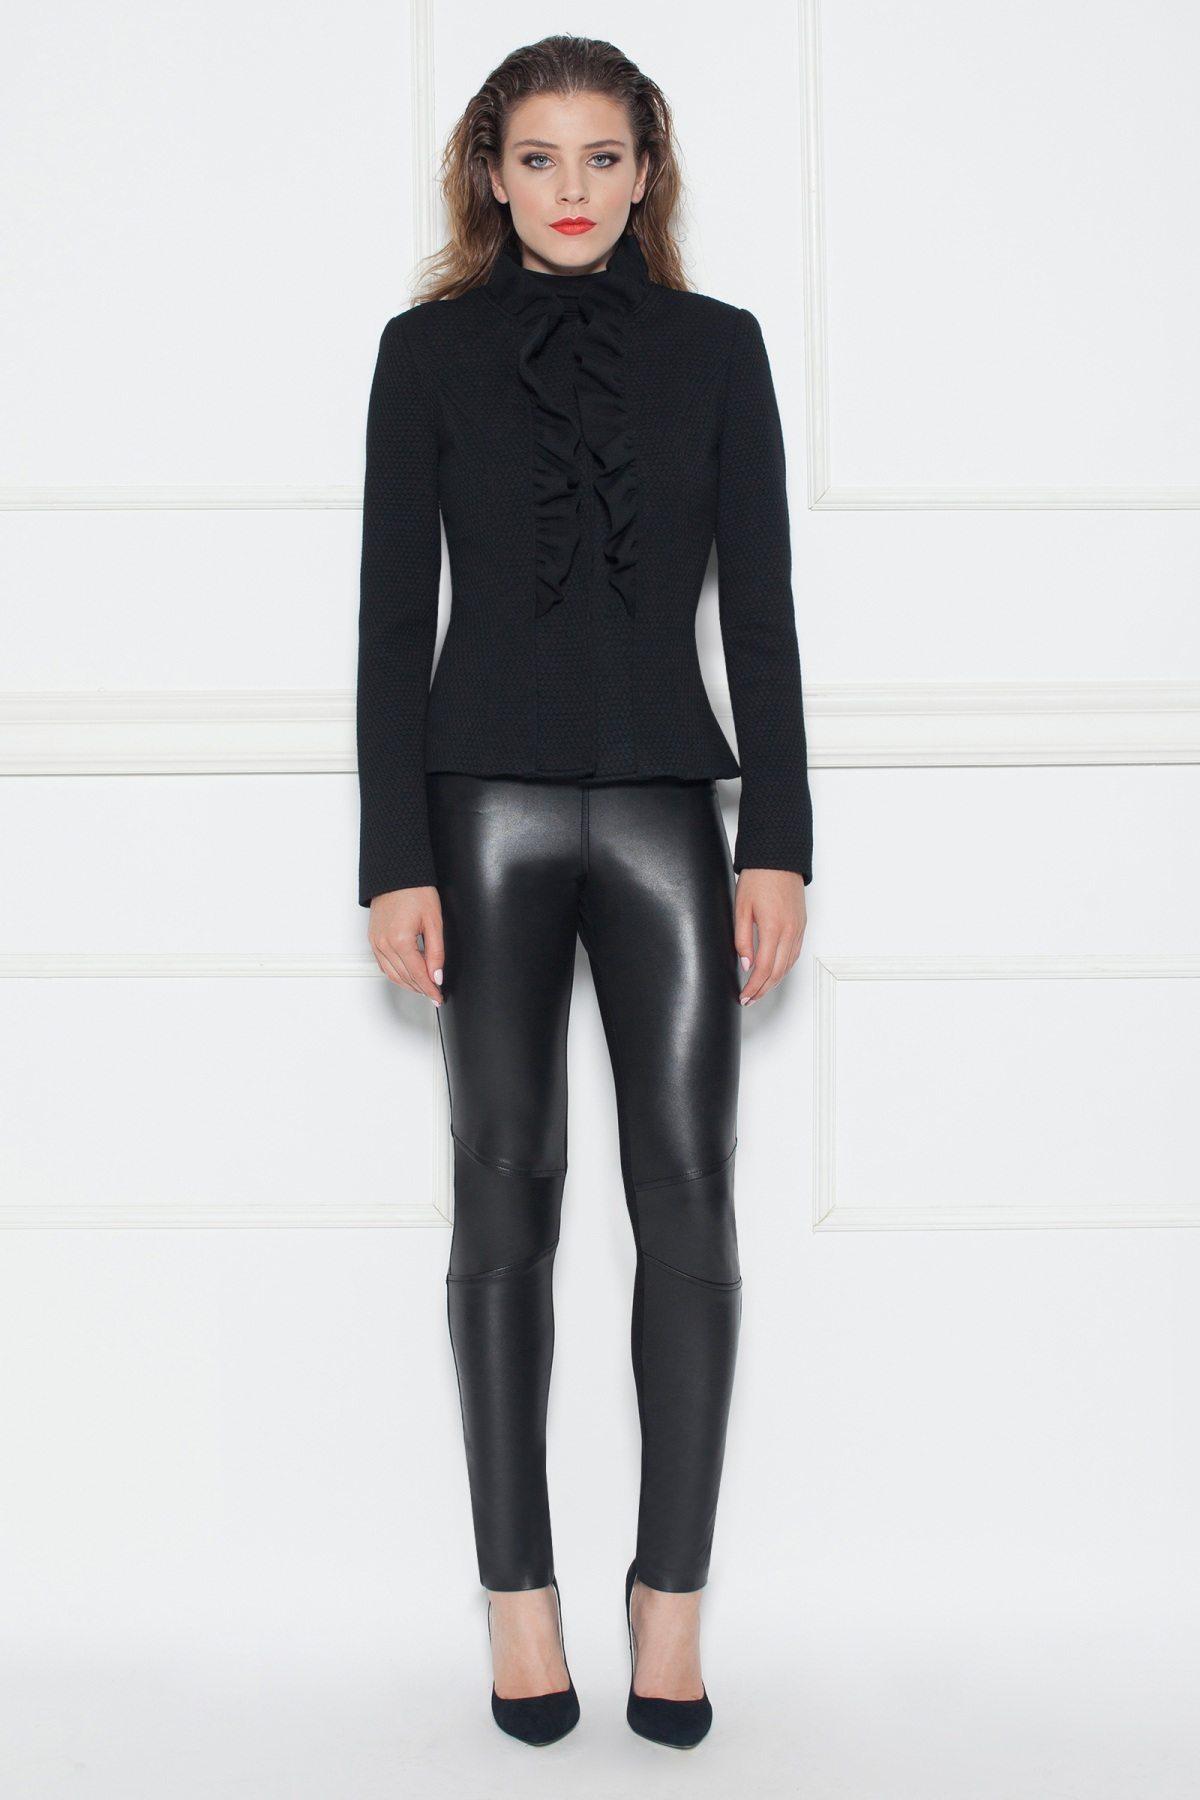 Jacheta eleganta cu volanase aplicate Negru